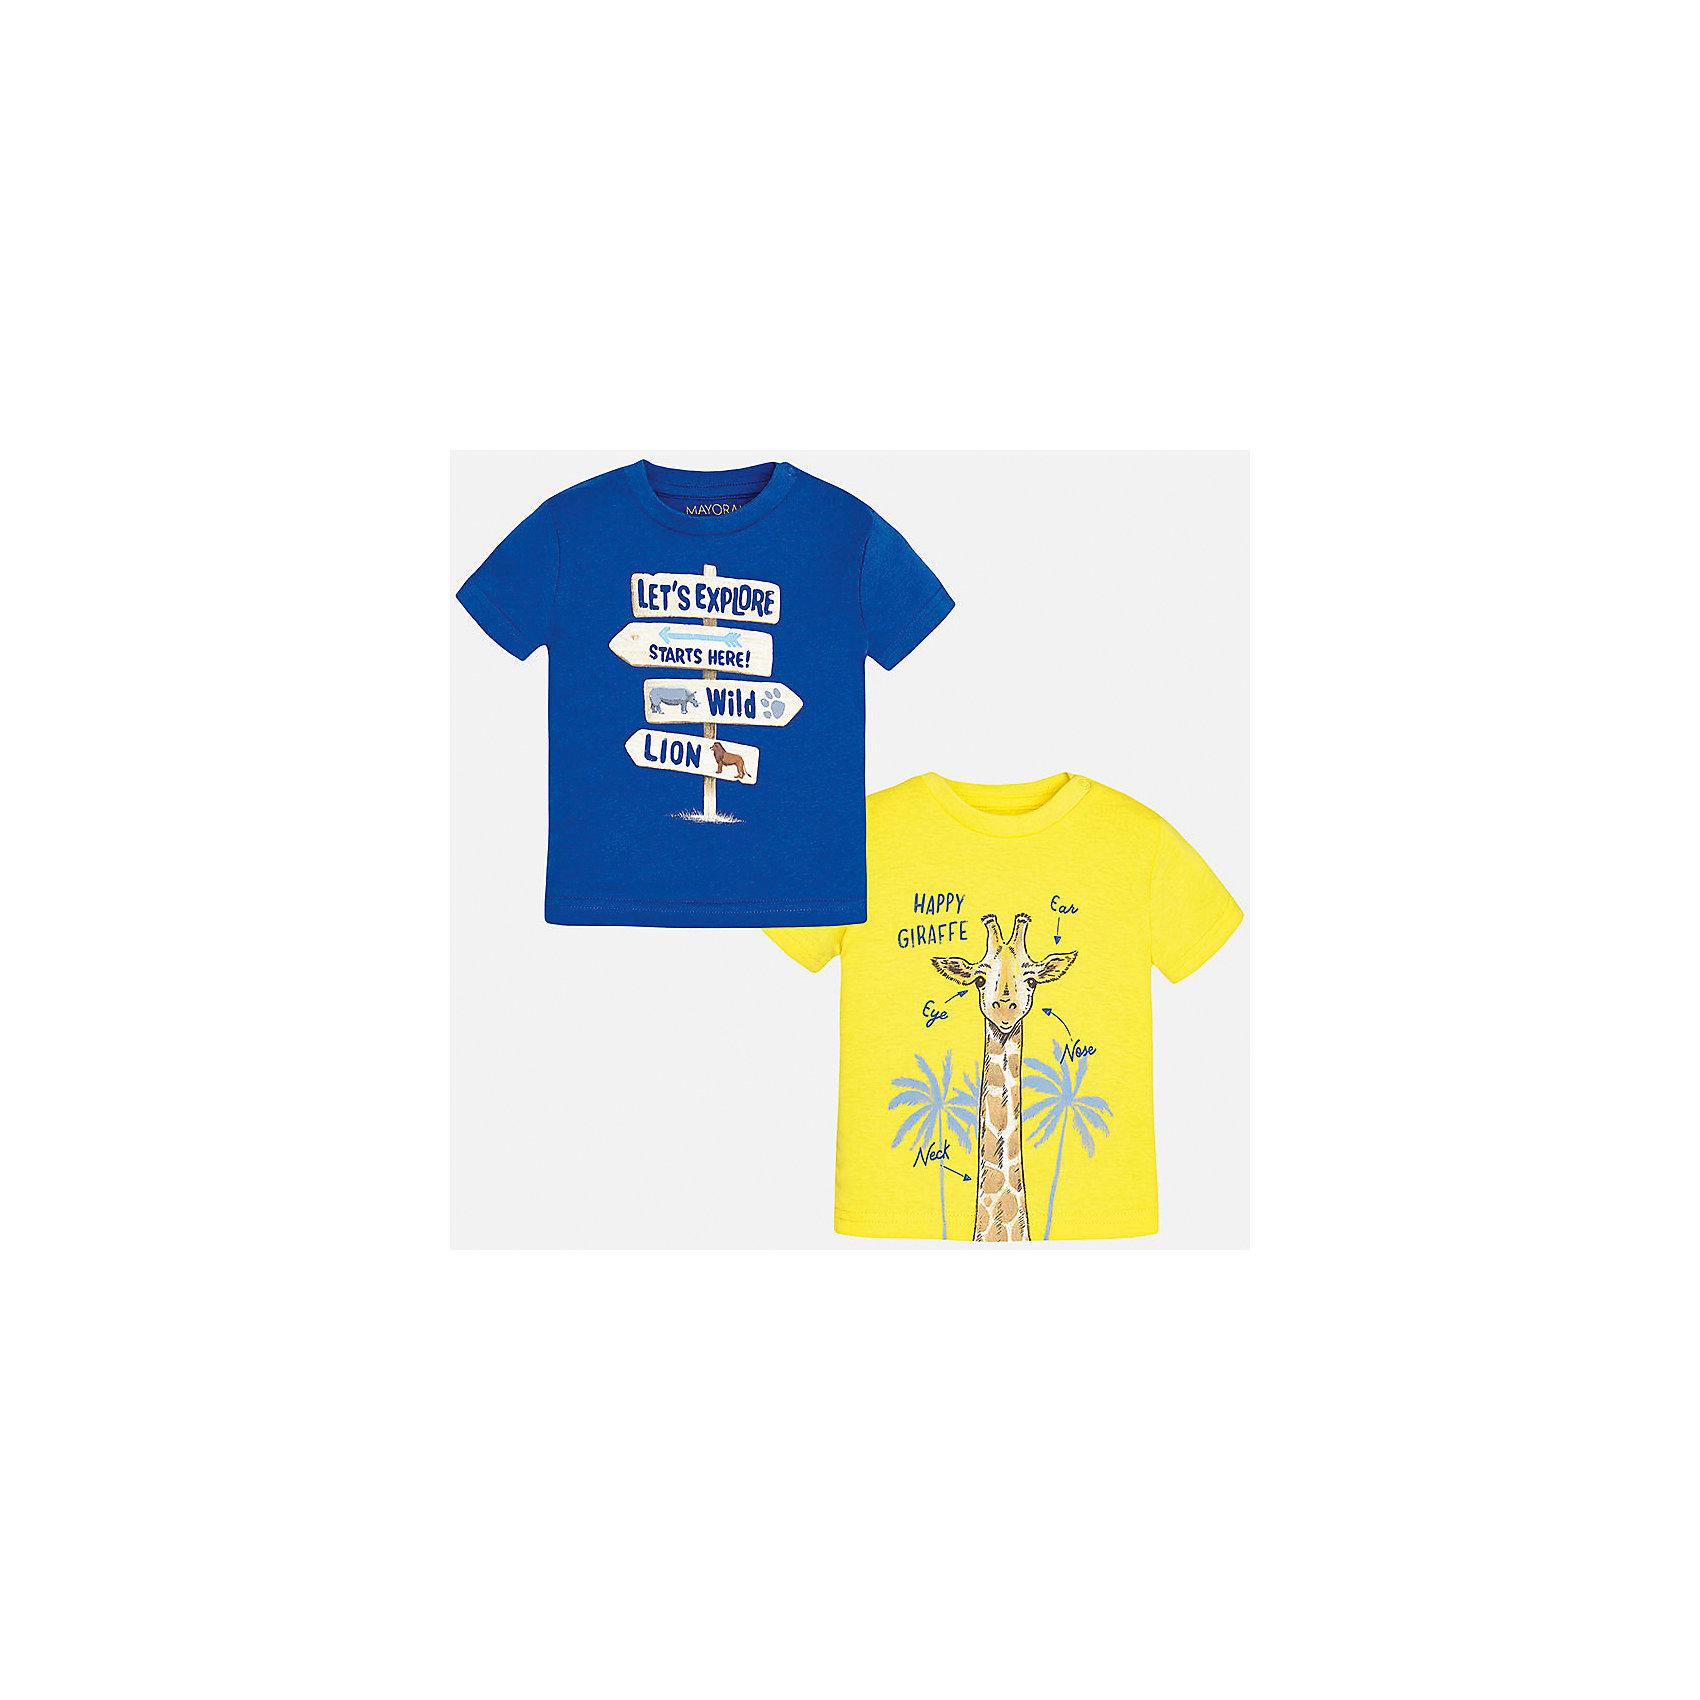 Футболка (2 шт.) для мальчика MayoralХарактеристики товара:<br><br>• цвет: синий/желтый<br>• состав: 100% хлопок<br>• комплектация: 2 шт<br>• круглый горловой вырез<br>• декорирована принтом<br>• короткие рукава<br>• мягкая отделка горловины<br>• страна бренда: Испания<br><br>Стильная удобная футболка с принтом поможет разнообразить гардероб мальчика. Она отлично сочетается с брюками, шортами, джинсами. Универсальный крой и цвет позволяет подобрать к вещи низ разных расцветок. Практичное и стильное изделие! Хорошо смотрится и комфортно сидит на детях. В составе материала - натуральный хлопок, гипоаллергенный, приятный на ощупь, дышащий. В этом наборе - сразу две модные футболки разных расцветок!<br><br>Одежда, обувь и аксессуары от испанского бренда Mayoral полюбились детям и взрослым по всему миру. Модели этой марки - стильные и удобные. Для их производства используются только безопасные, качественные материалы и фурнитура. Порадуйте ребенка модными и красивыми вещами от Mayoral! <br><br>Футболку (2 шт.) для мальчика от испанского бренда Mayoral (Майорал) можно купить в нашем интернет-магазине.<br><br>Ширина мм: 199<br>Глубина мм: 10<br>Высота мм: 161<br>Вес г: 151<br>Цвет: голубой<br>Возраст от месяцев: 12<br>Возраст до месяцев: 15<br>Пол: Мужской<br>Возраст: Детский<br>Размер: 80,92,86<br>SKU: 5278469